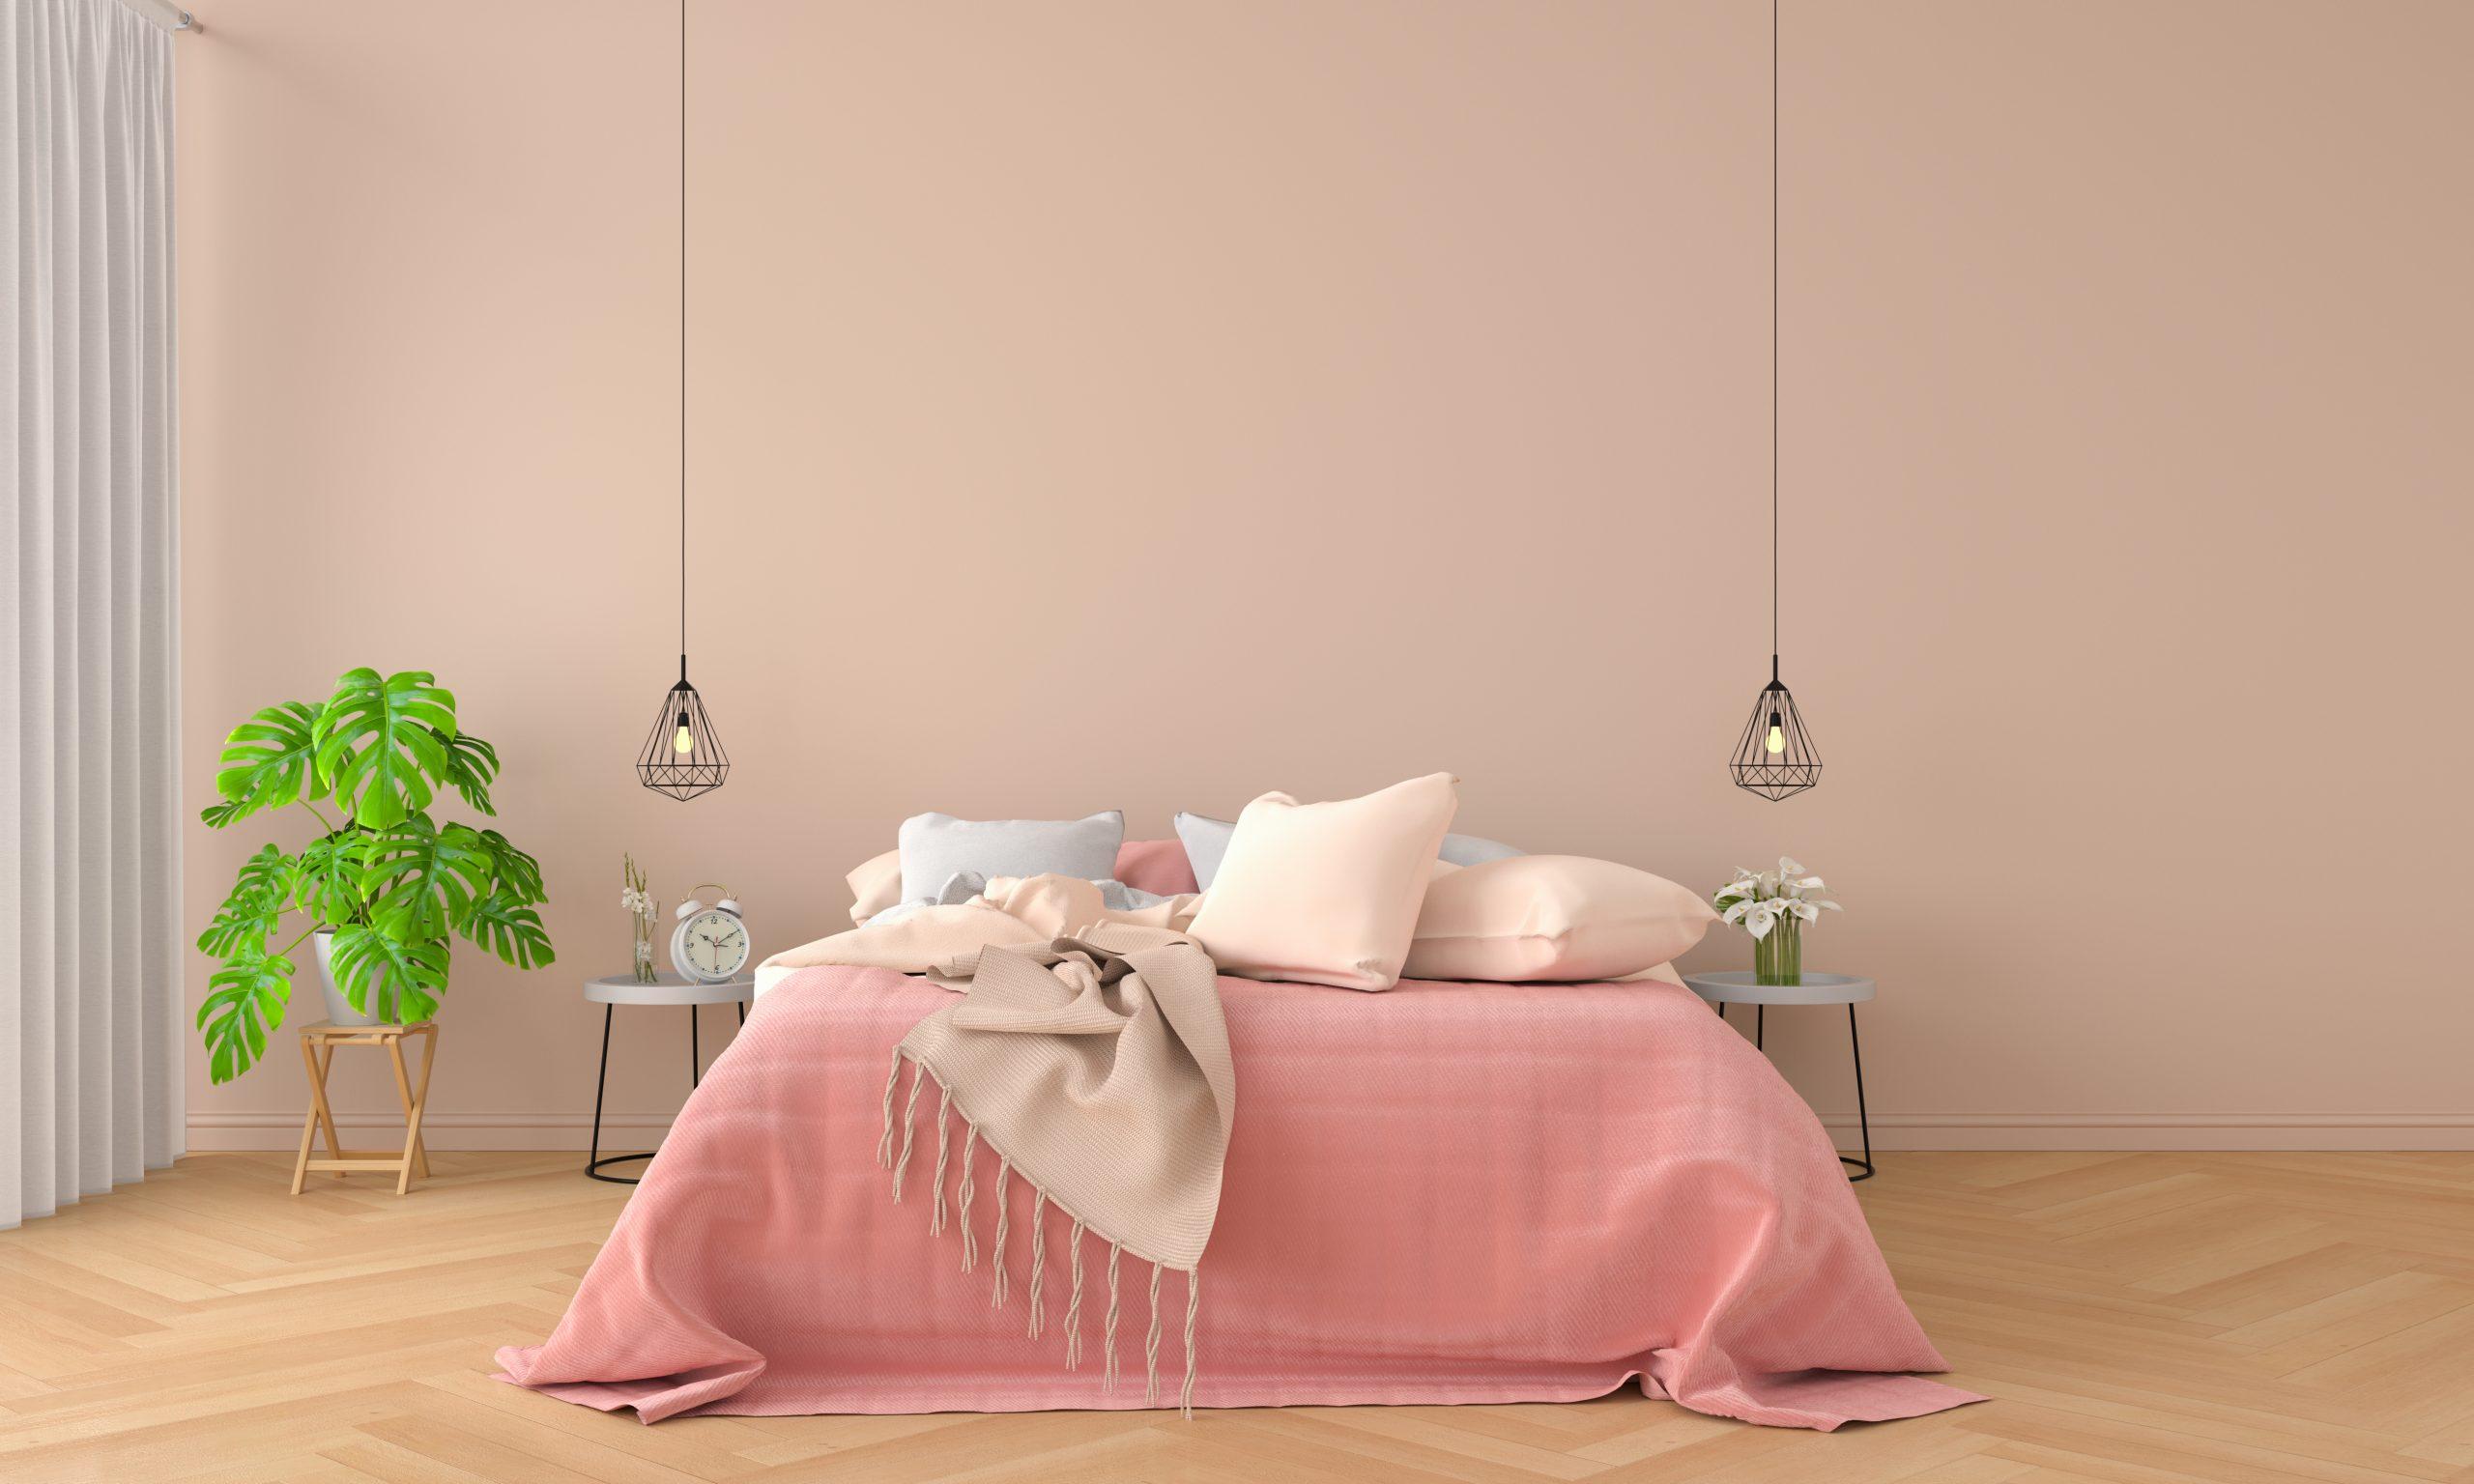 Comment créer une chambre romantique chaleureuse ?